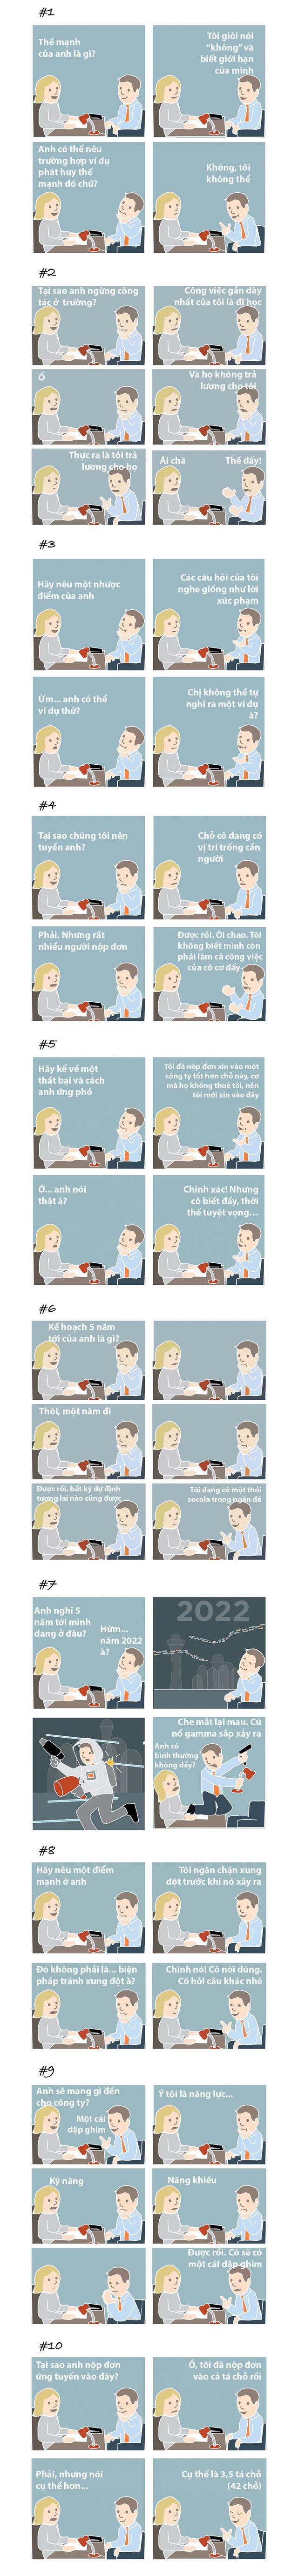 10 câu trả lời khiến người phỏng vấn đứng hình - Ảnh 1.